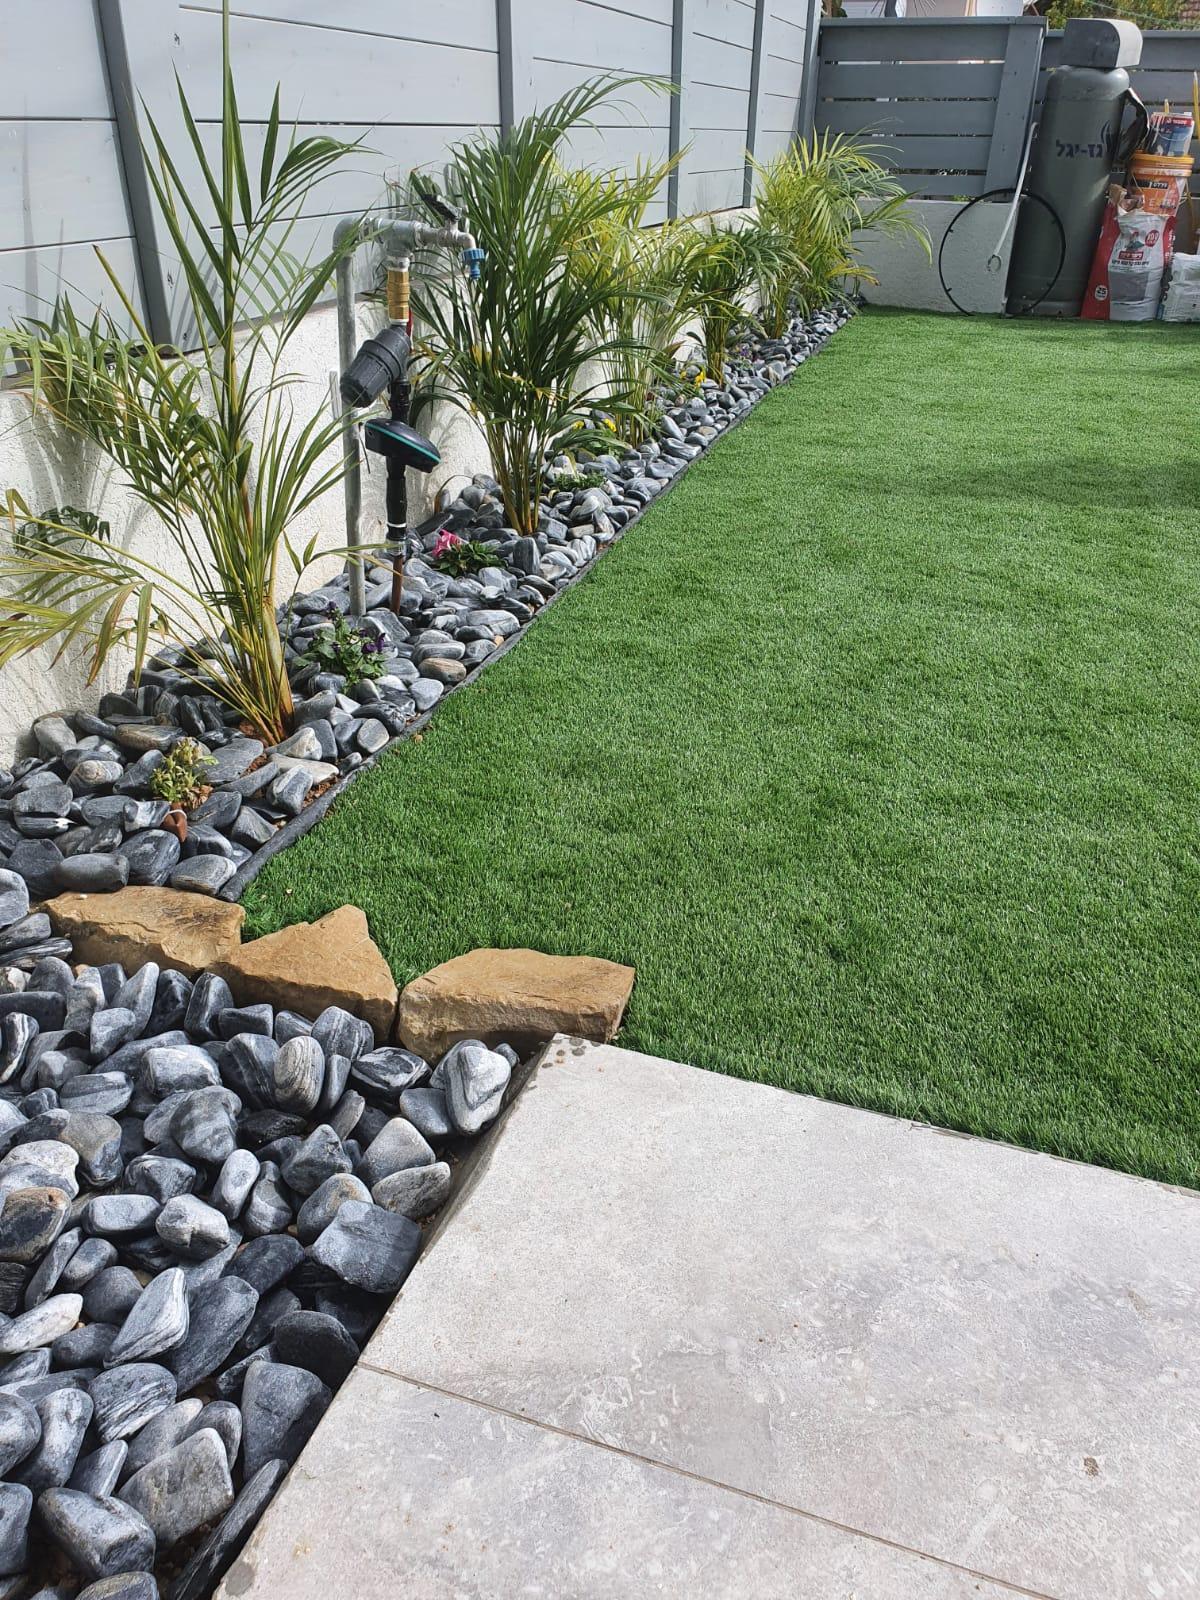 עיצוב גינה ודשא בבית האח הגדול 2020 6